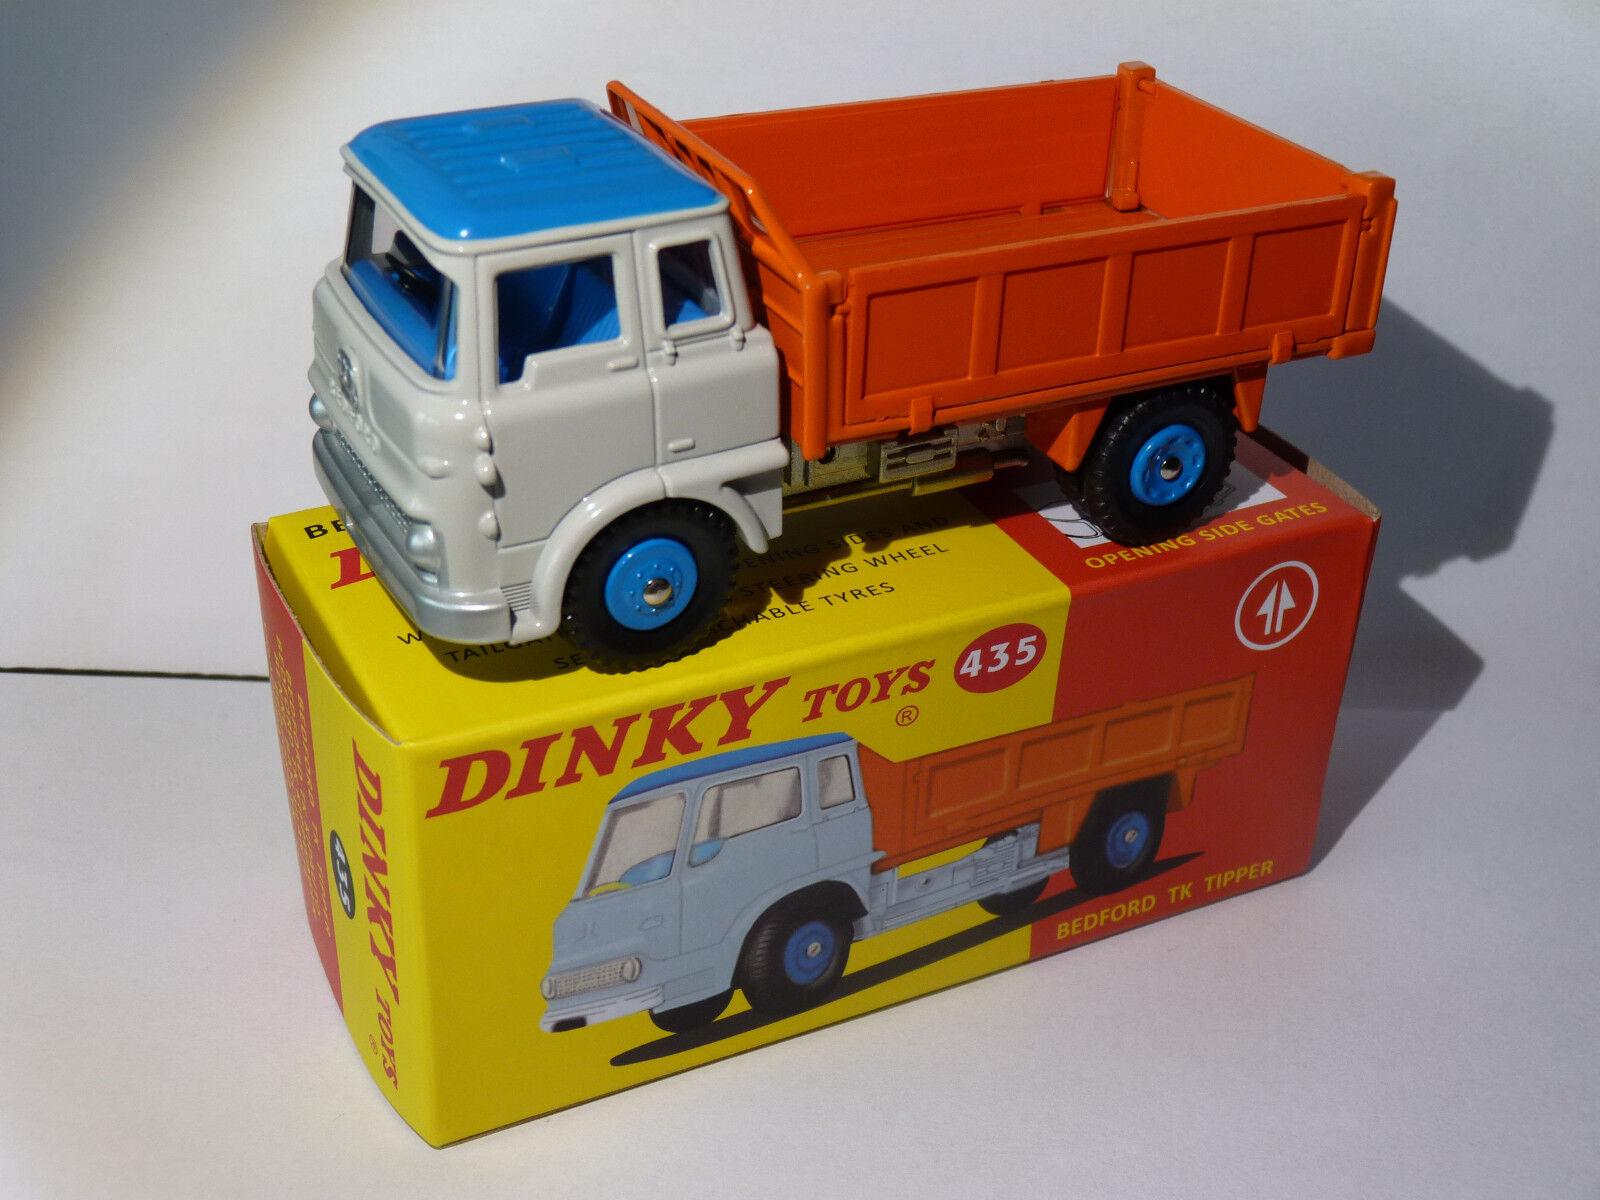 Camion Bedford TK Tipper (Ribaltabile) Ref 435 di di di Dinky giocattoli Atlas 85fd81